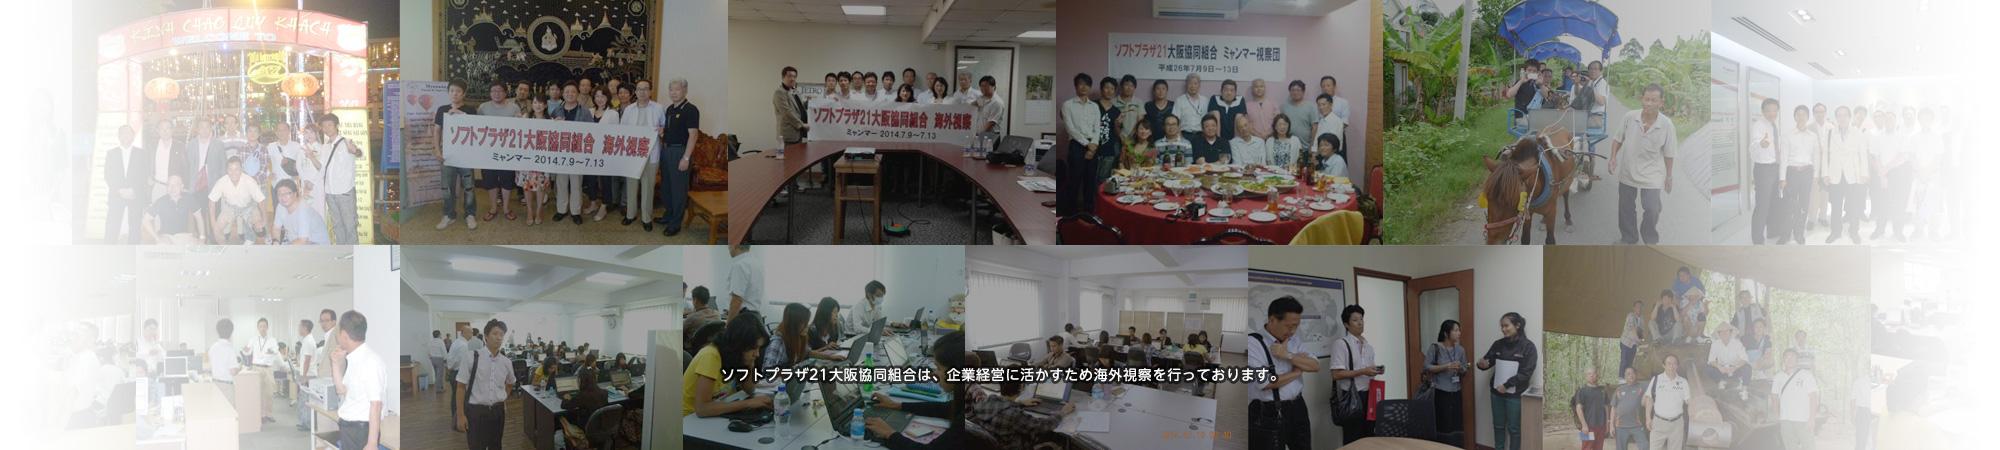 ソフトプラザ21大阪協同組合は、企業経営に活かすため海外視察を行っております。